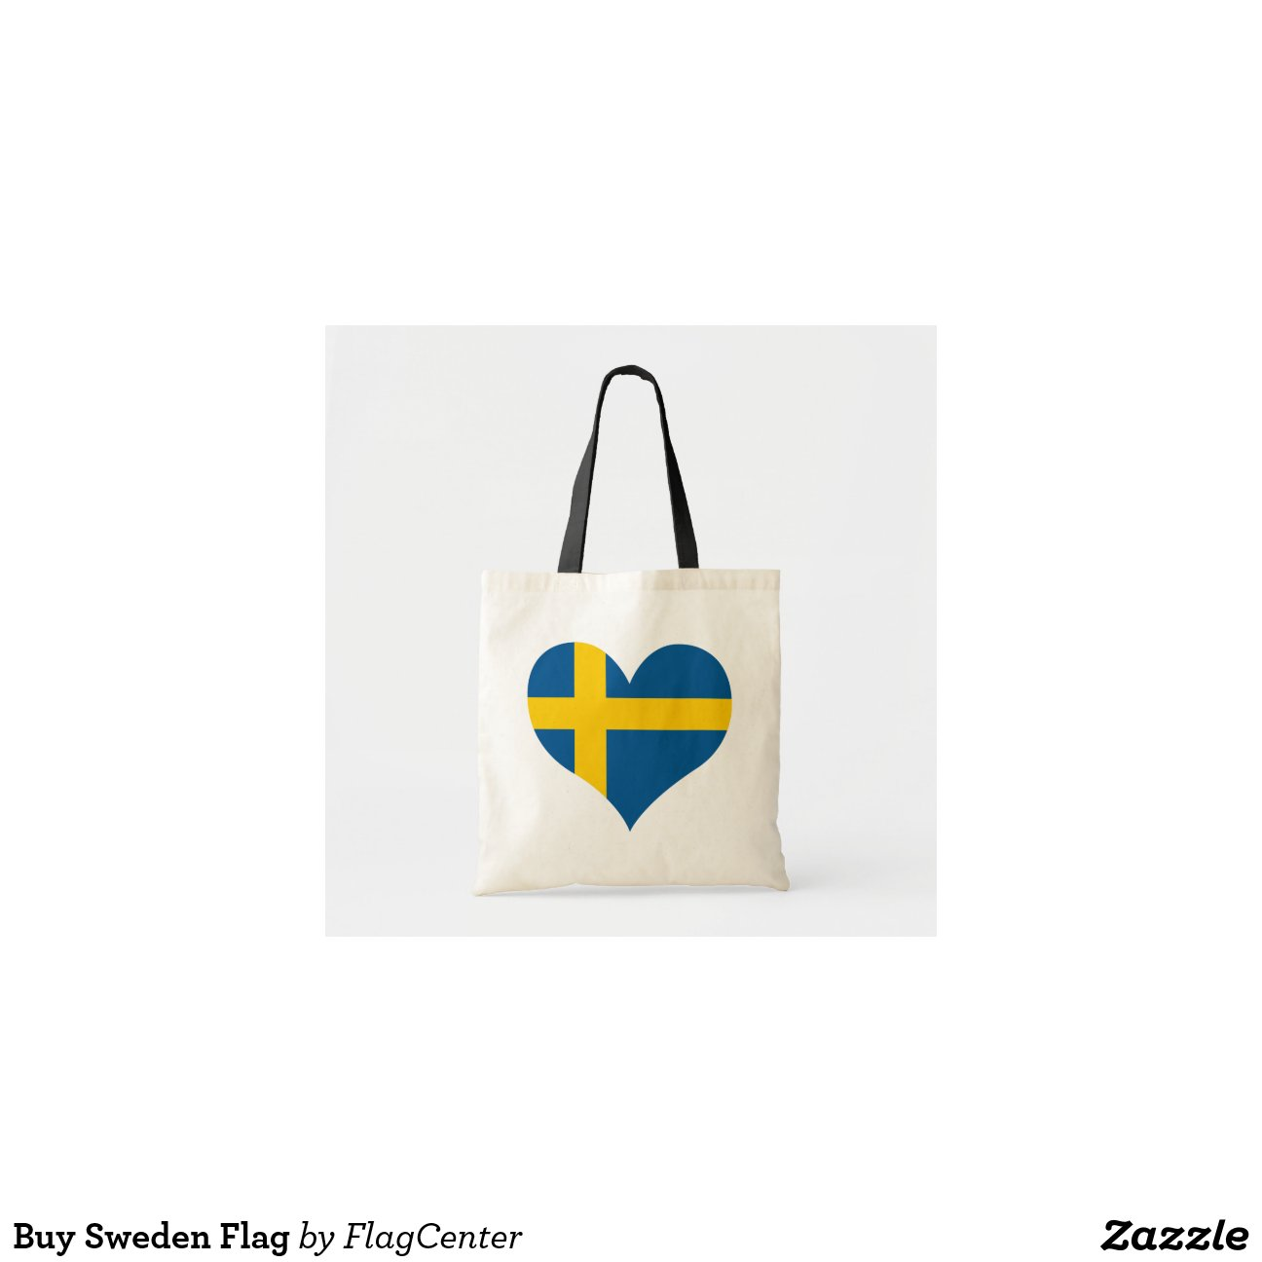 kaufen sie schweden flagge tragetasche zazzle. Black Bedroom Furniture Sets. Home Design Ideas